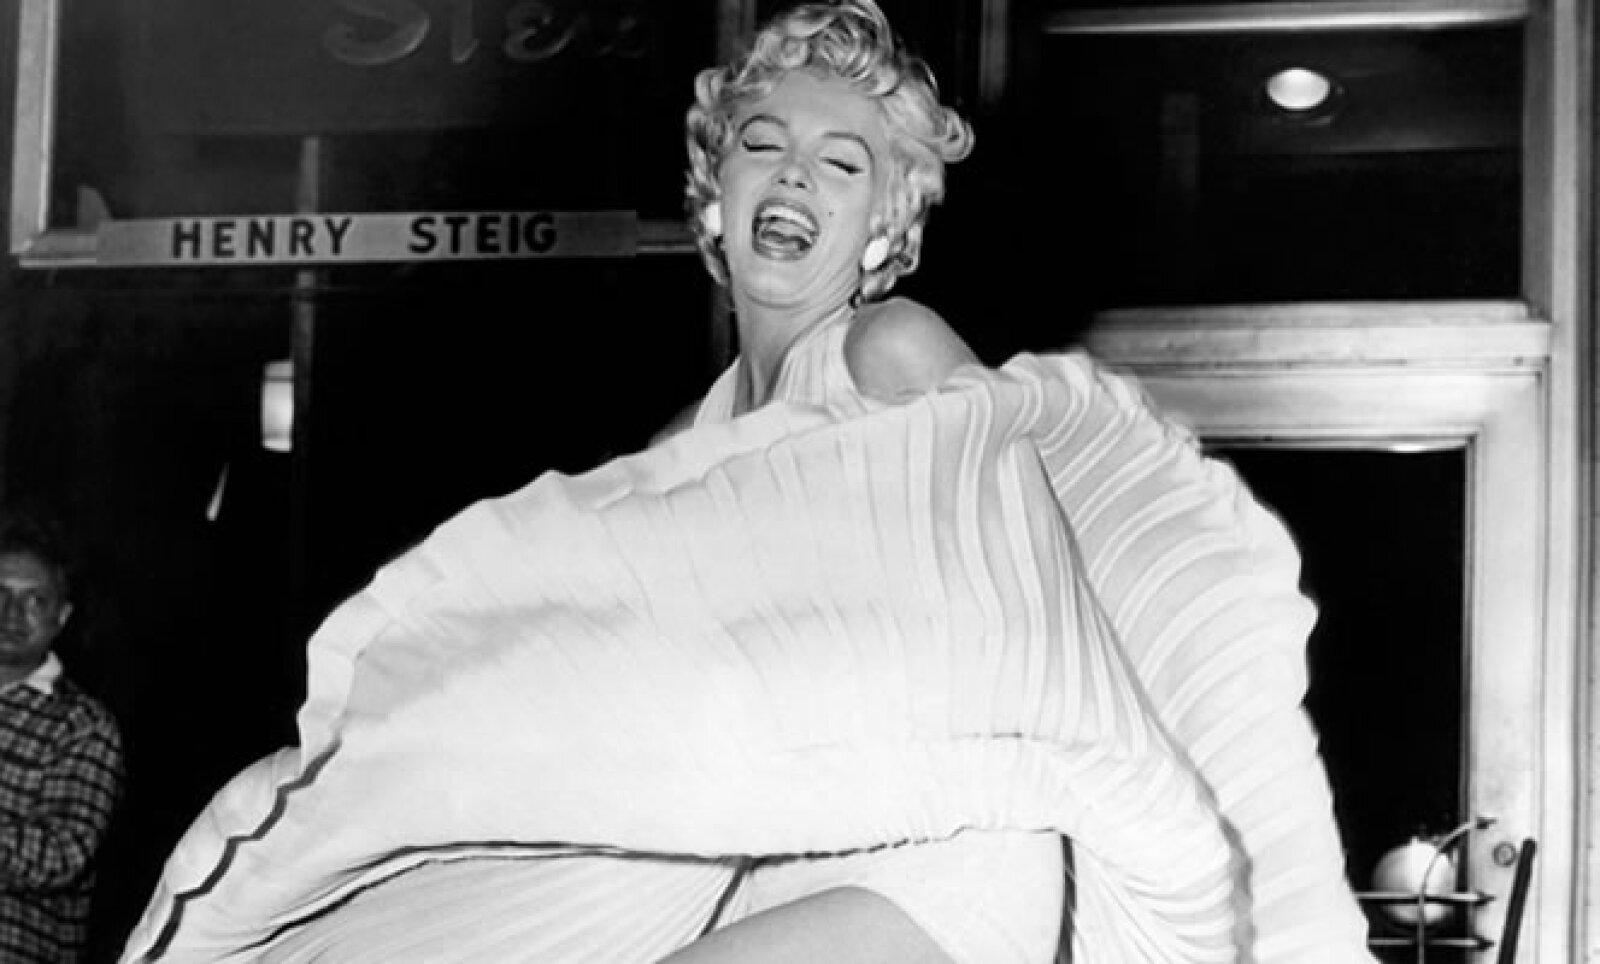 Norma Jeane Mortenson, mejor conocida como Marylin Monroe, cumple este domingo 50 años de haber fallecido. Aquí, un pequeño homenaje fotográfico a la mujer de cabellera rubia más famosa de su época.